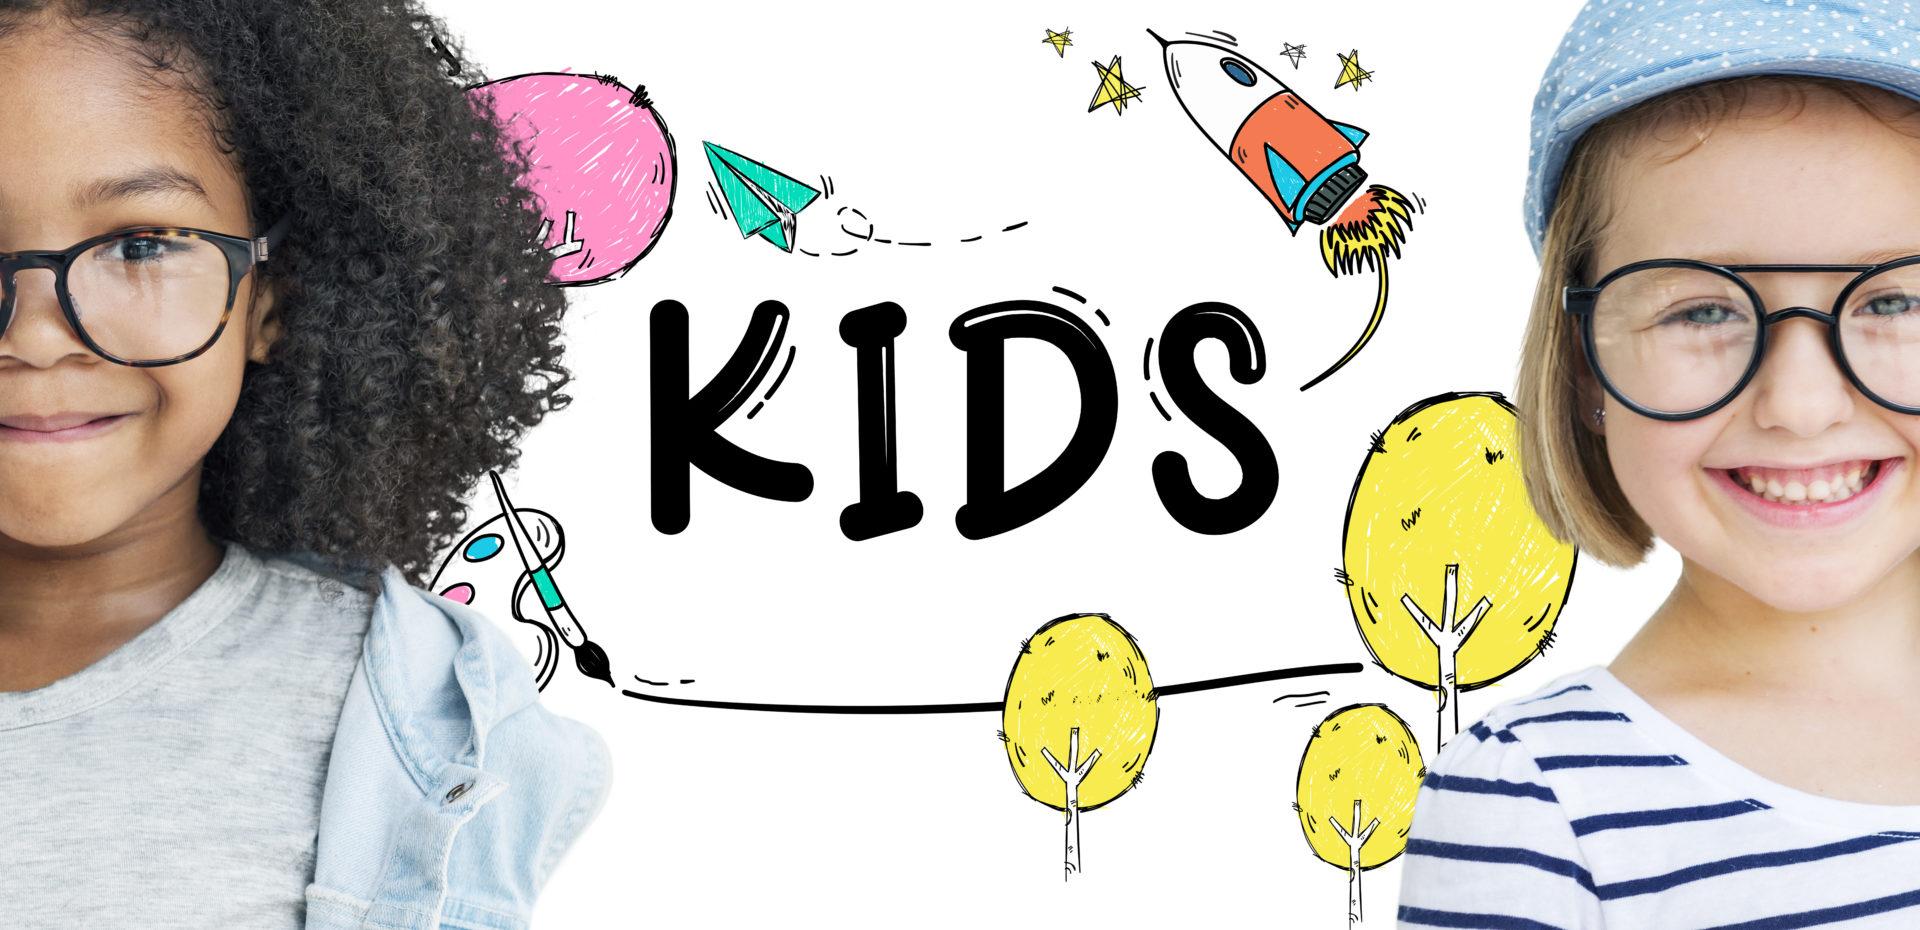 Idée Cadeau Pour Enfant (Fille) De 6 Ans À 12 Ans - Jeux Et intérieur Jeu Pour Garcon De 6 Ans Gratuit